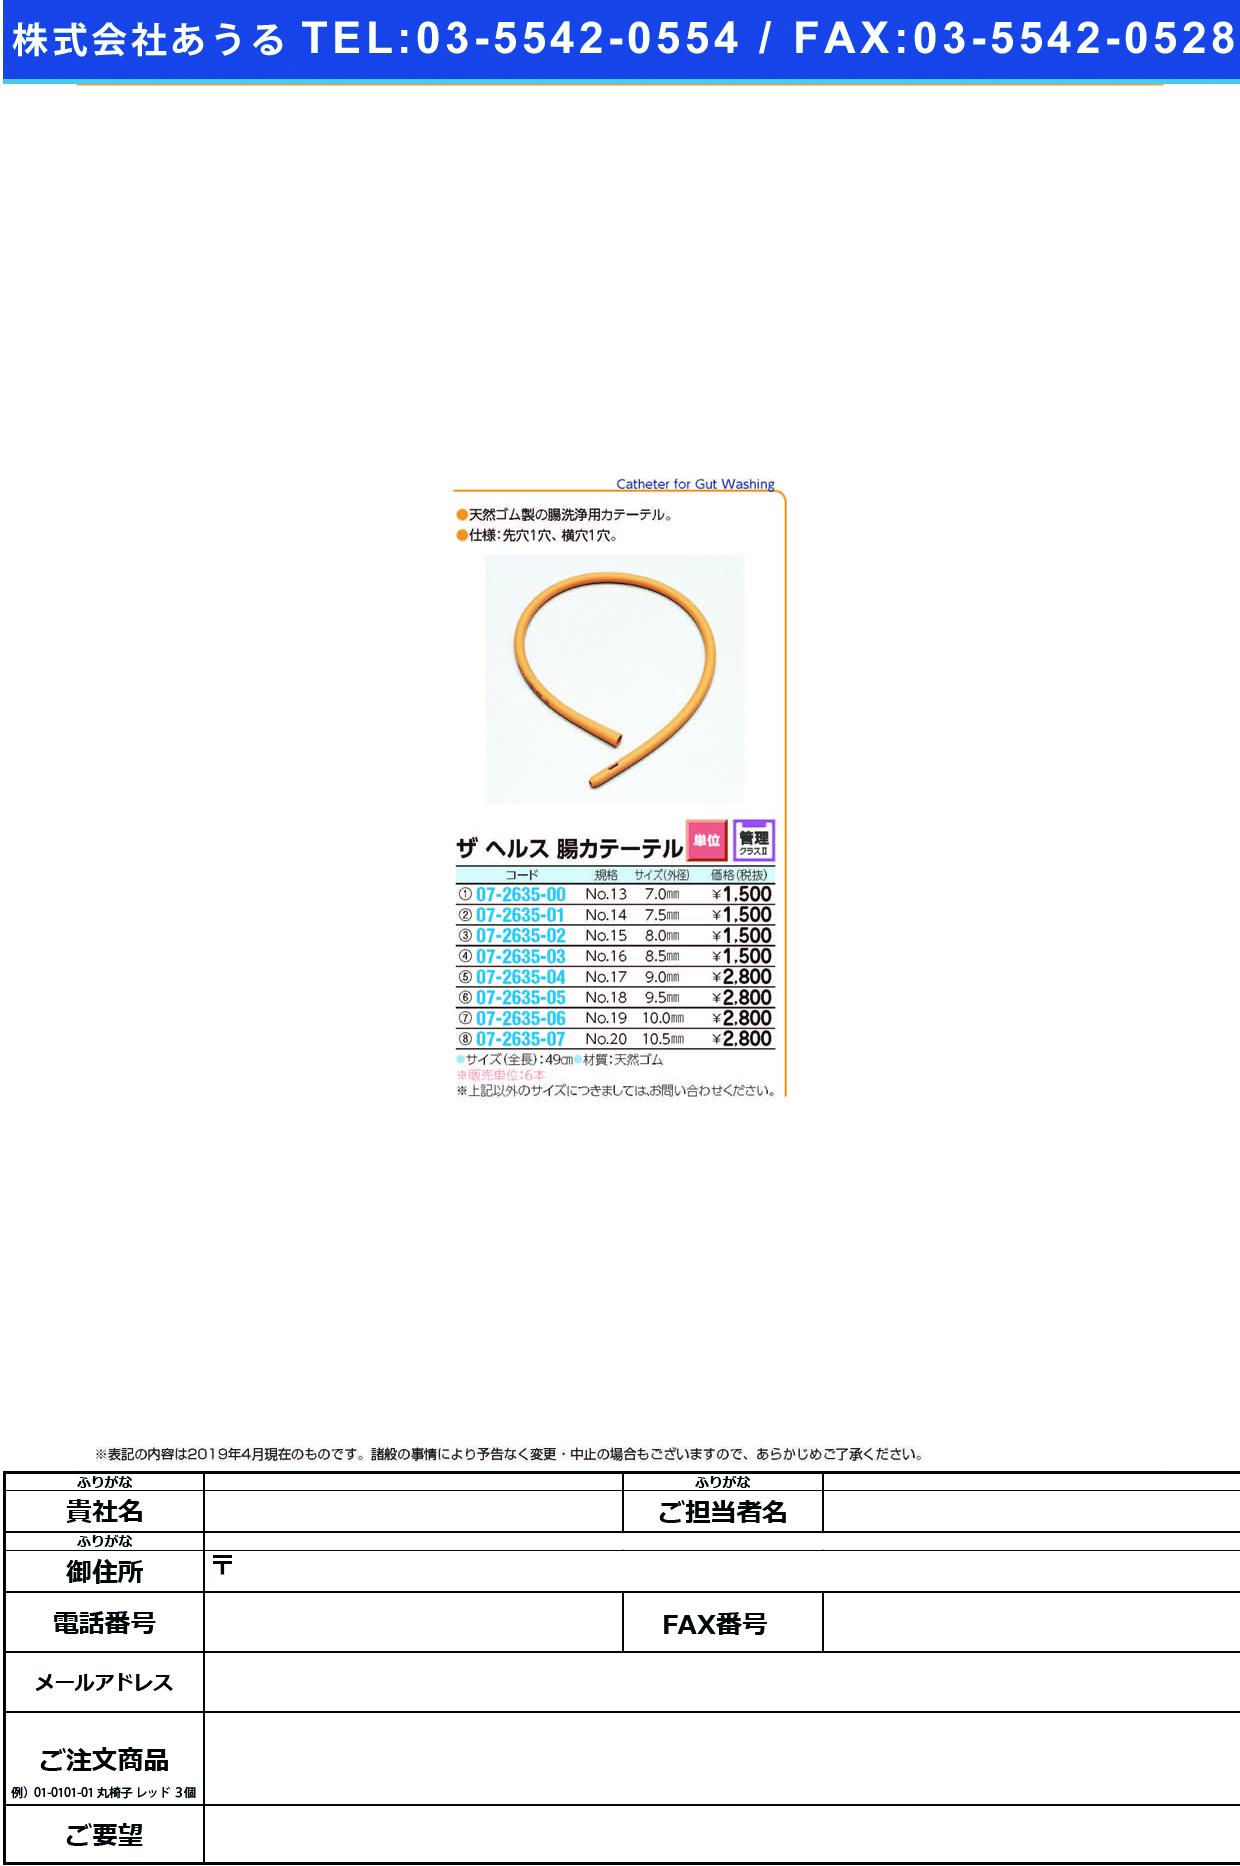 (07-2635-03)腸洗浄カテーテル NO.16 チョウセンジョウカテーテル(イズモヘルス)【6本単位】【2019年カタログ商品】